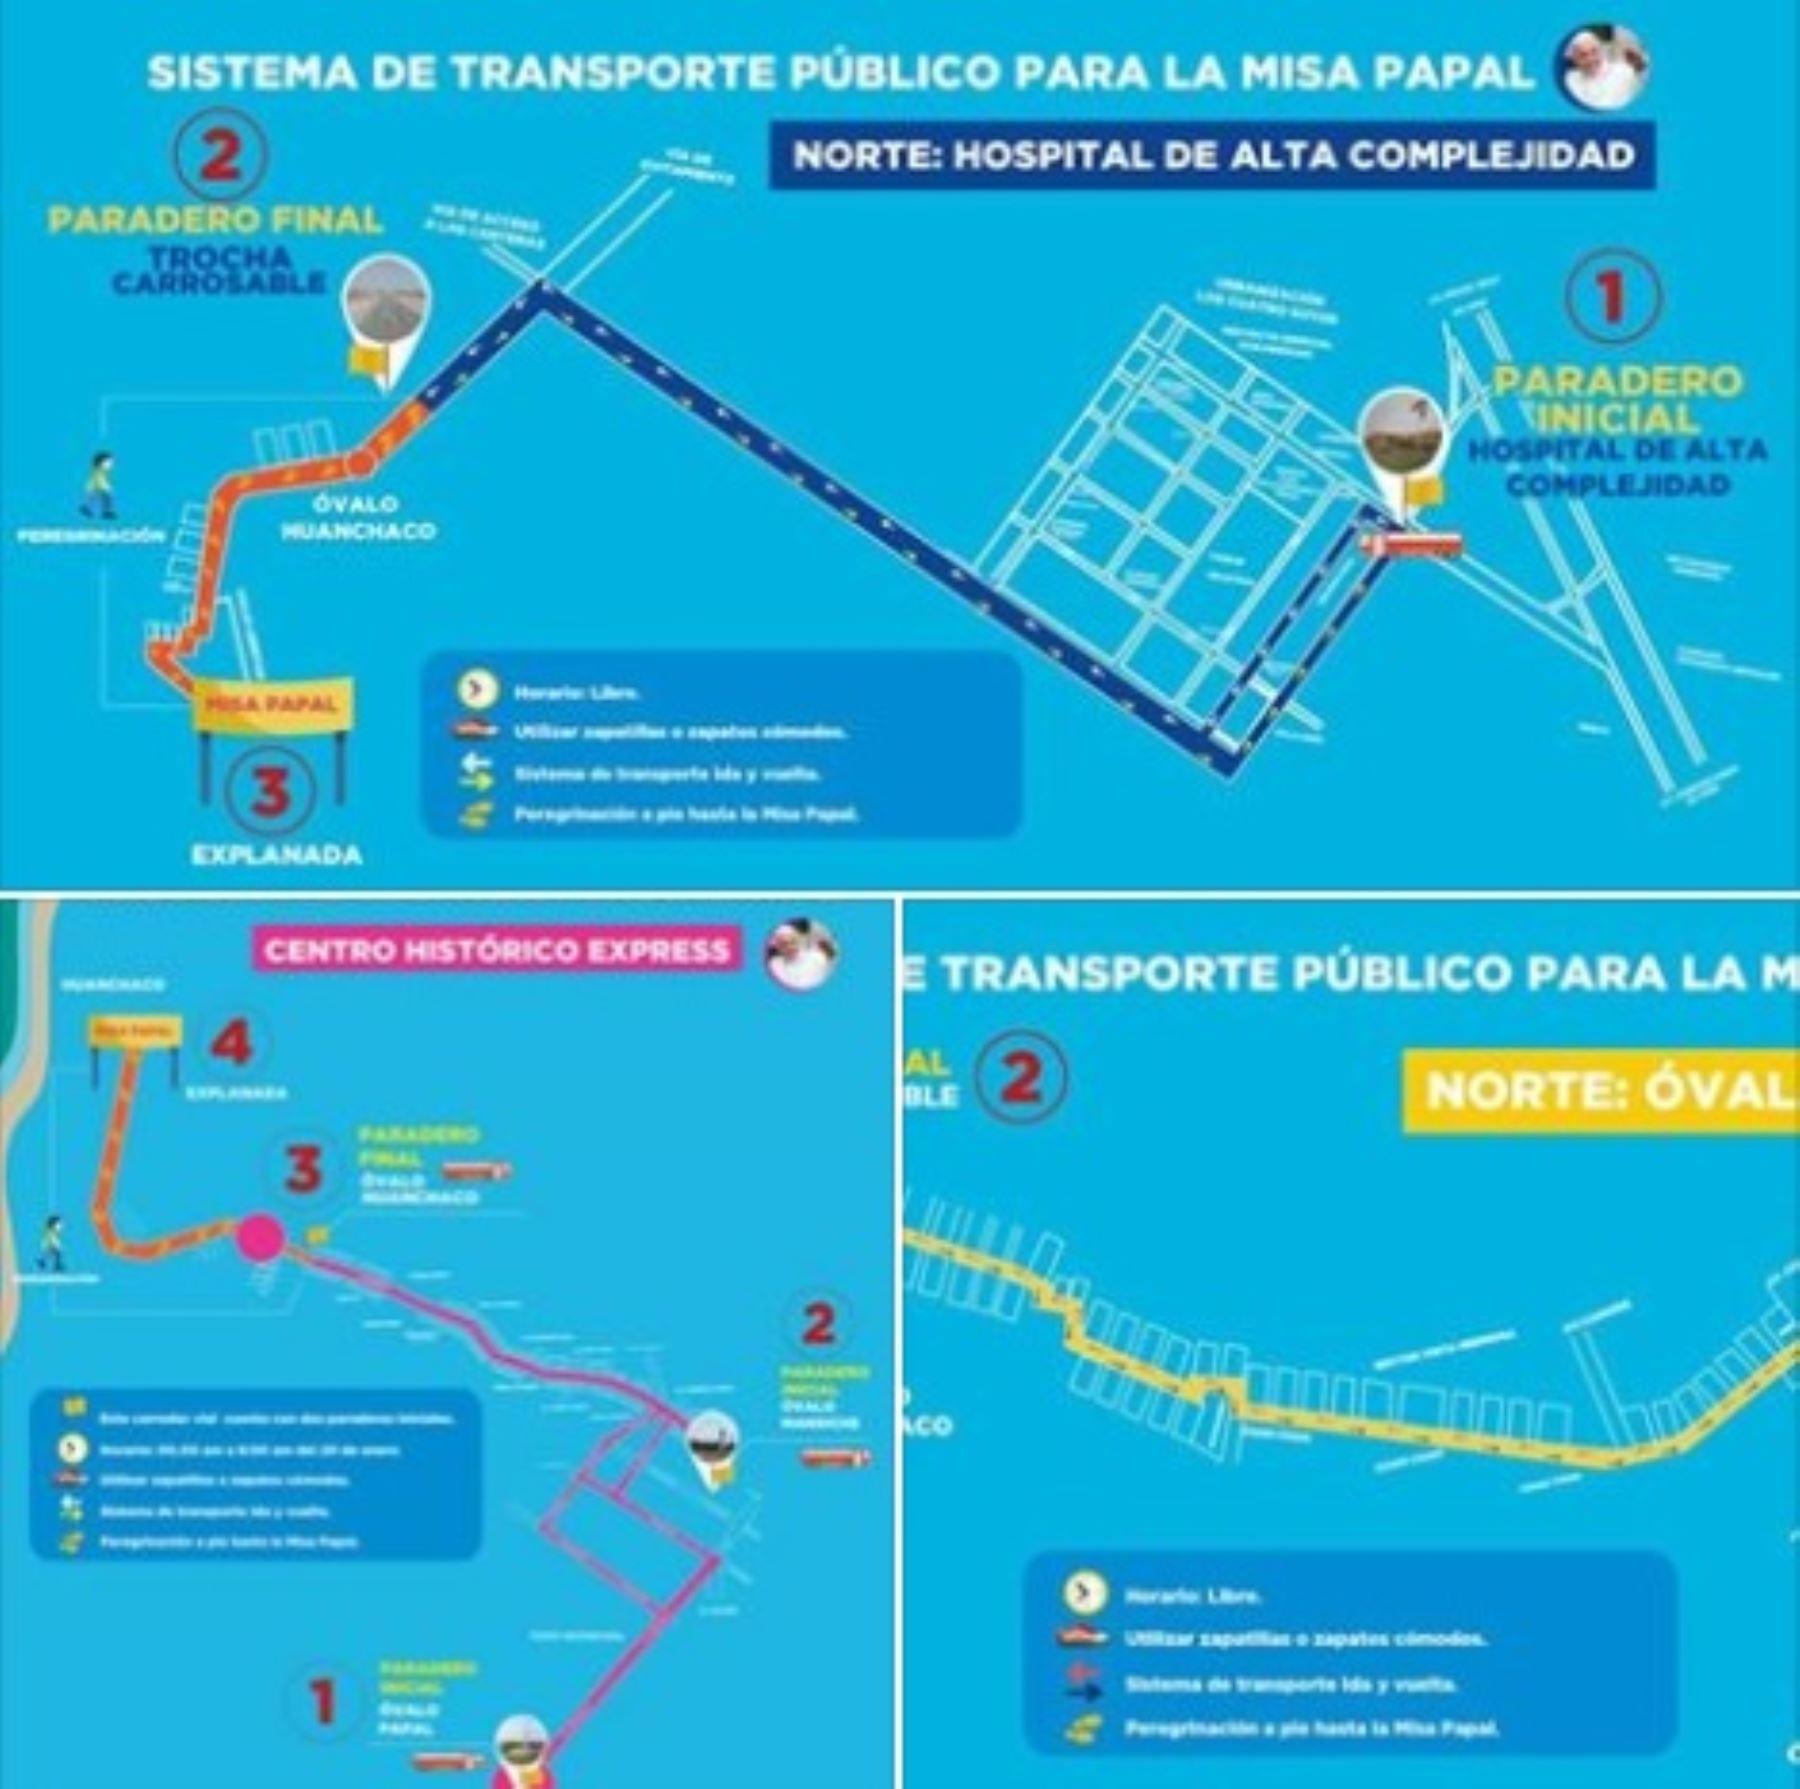 El Arzobispado Metropolitano de Trujillo, en coordinación con la Policía Nacional del Perú y la Gerencia Regional de Transporte de La Libertad, definieron los corredores viales por donde se desplazarán los peregrinos y los vehículos durante la visita del Papa Francisco a la ciudad de Trujillo, el próximo sábado 20 de enero.